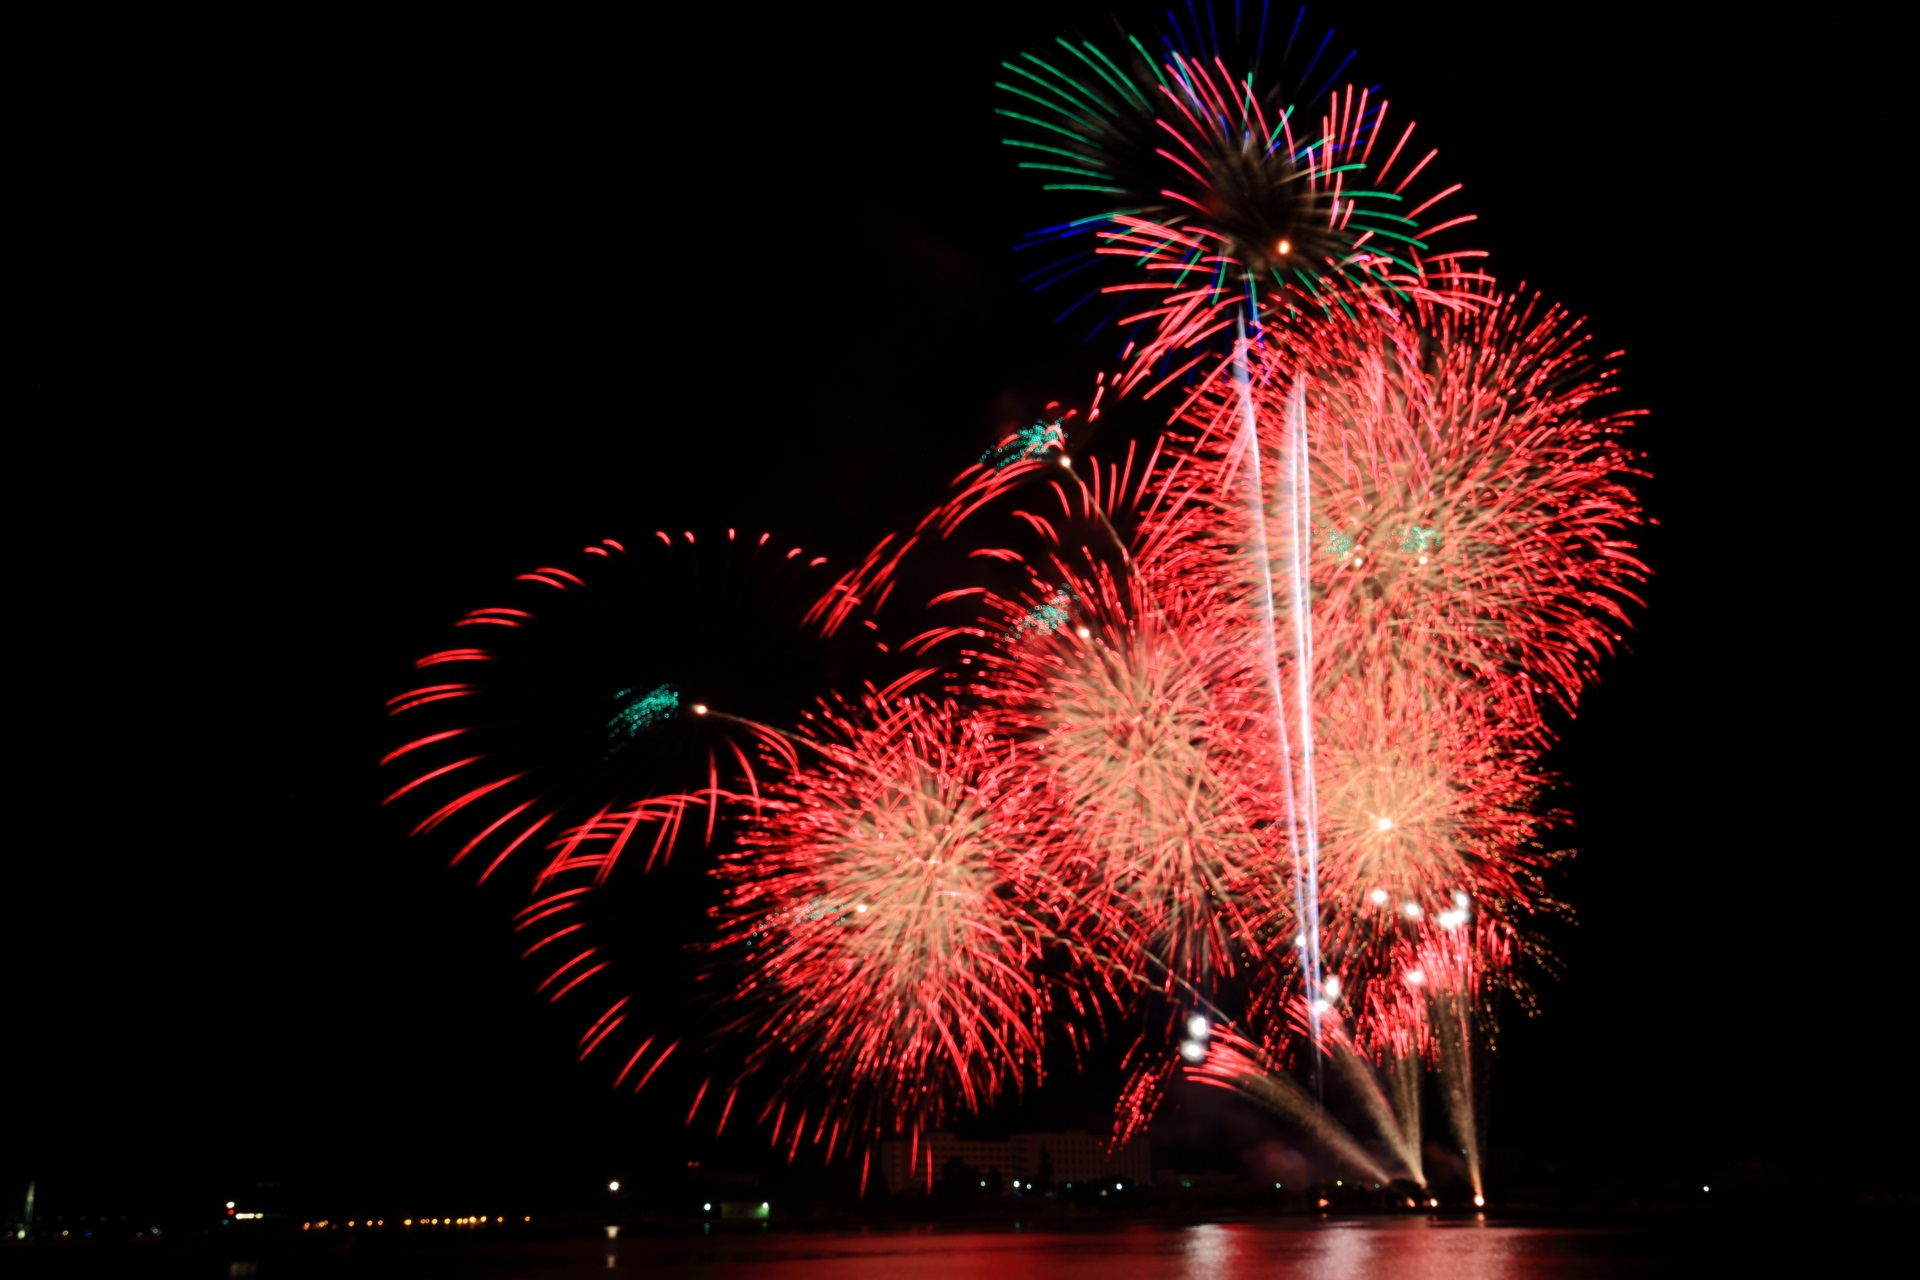 舞鶴港の夜空に映える美しい赤色の花火